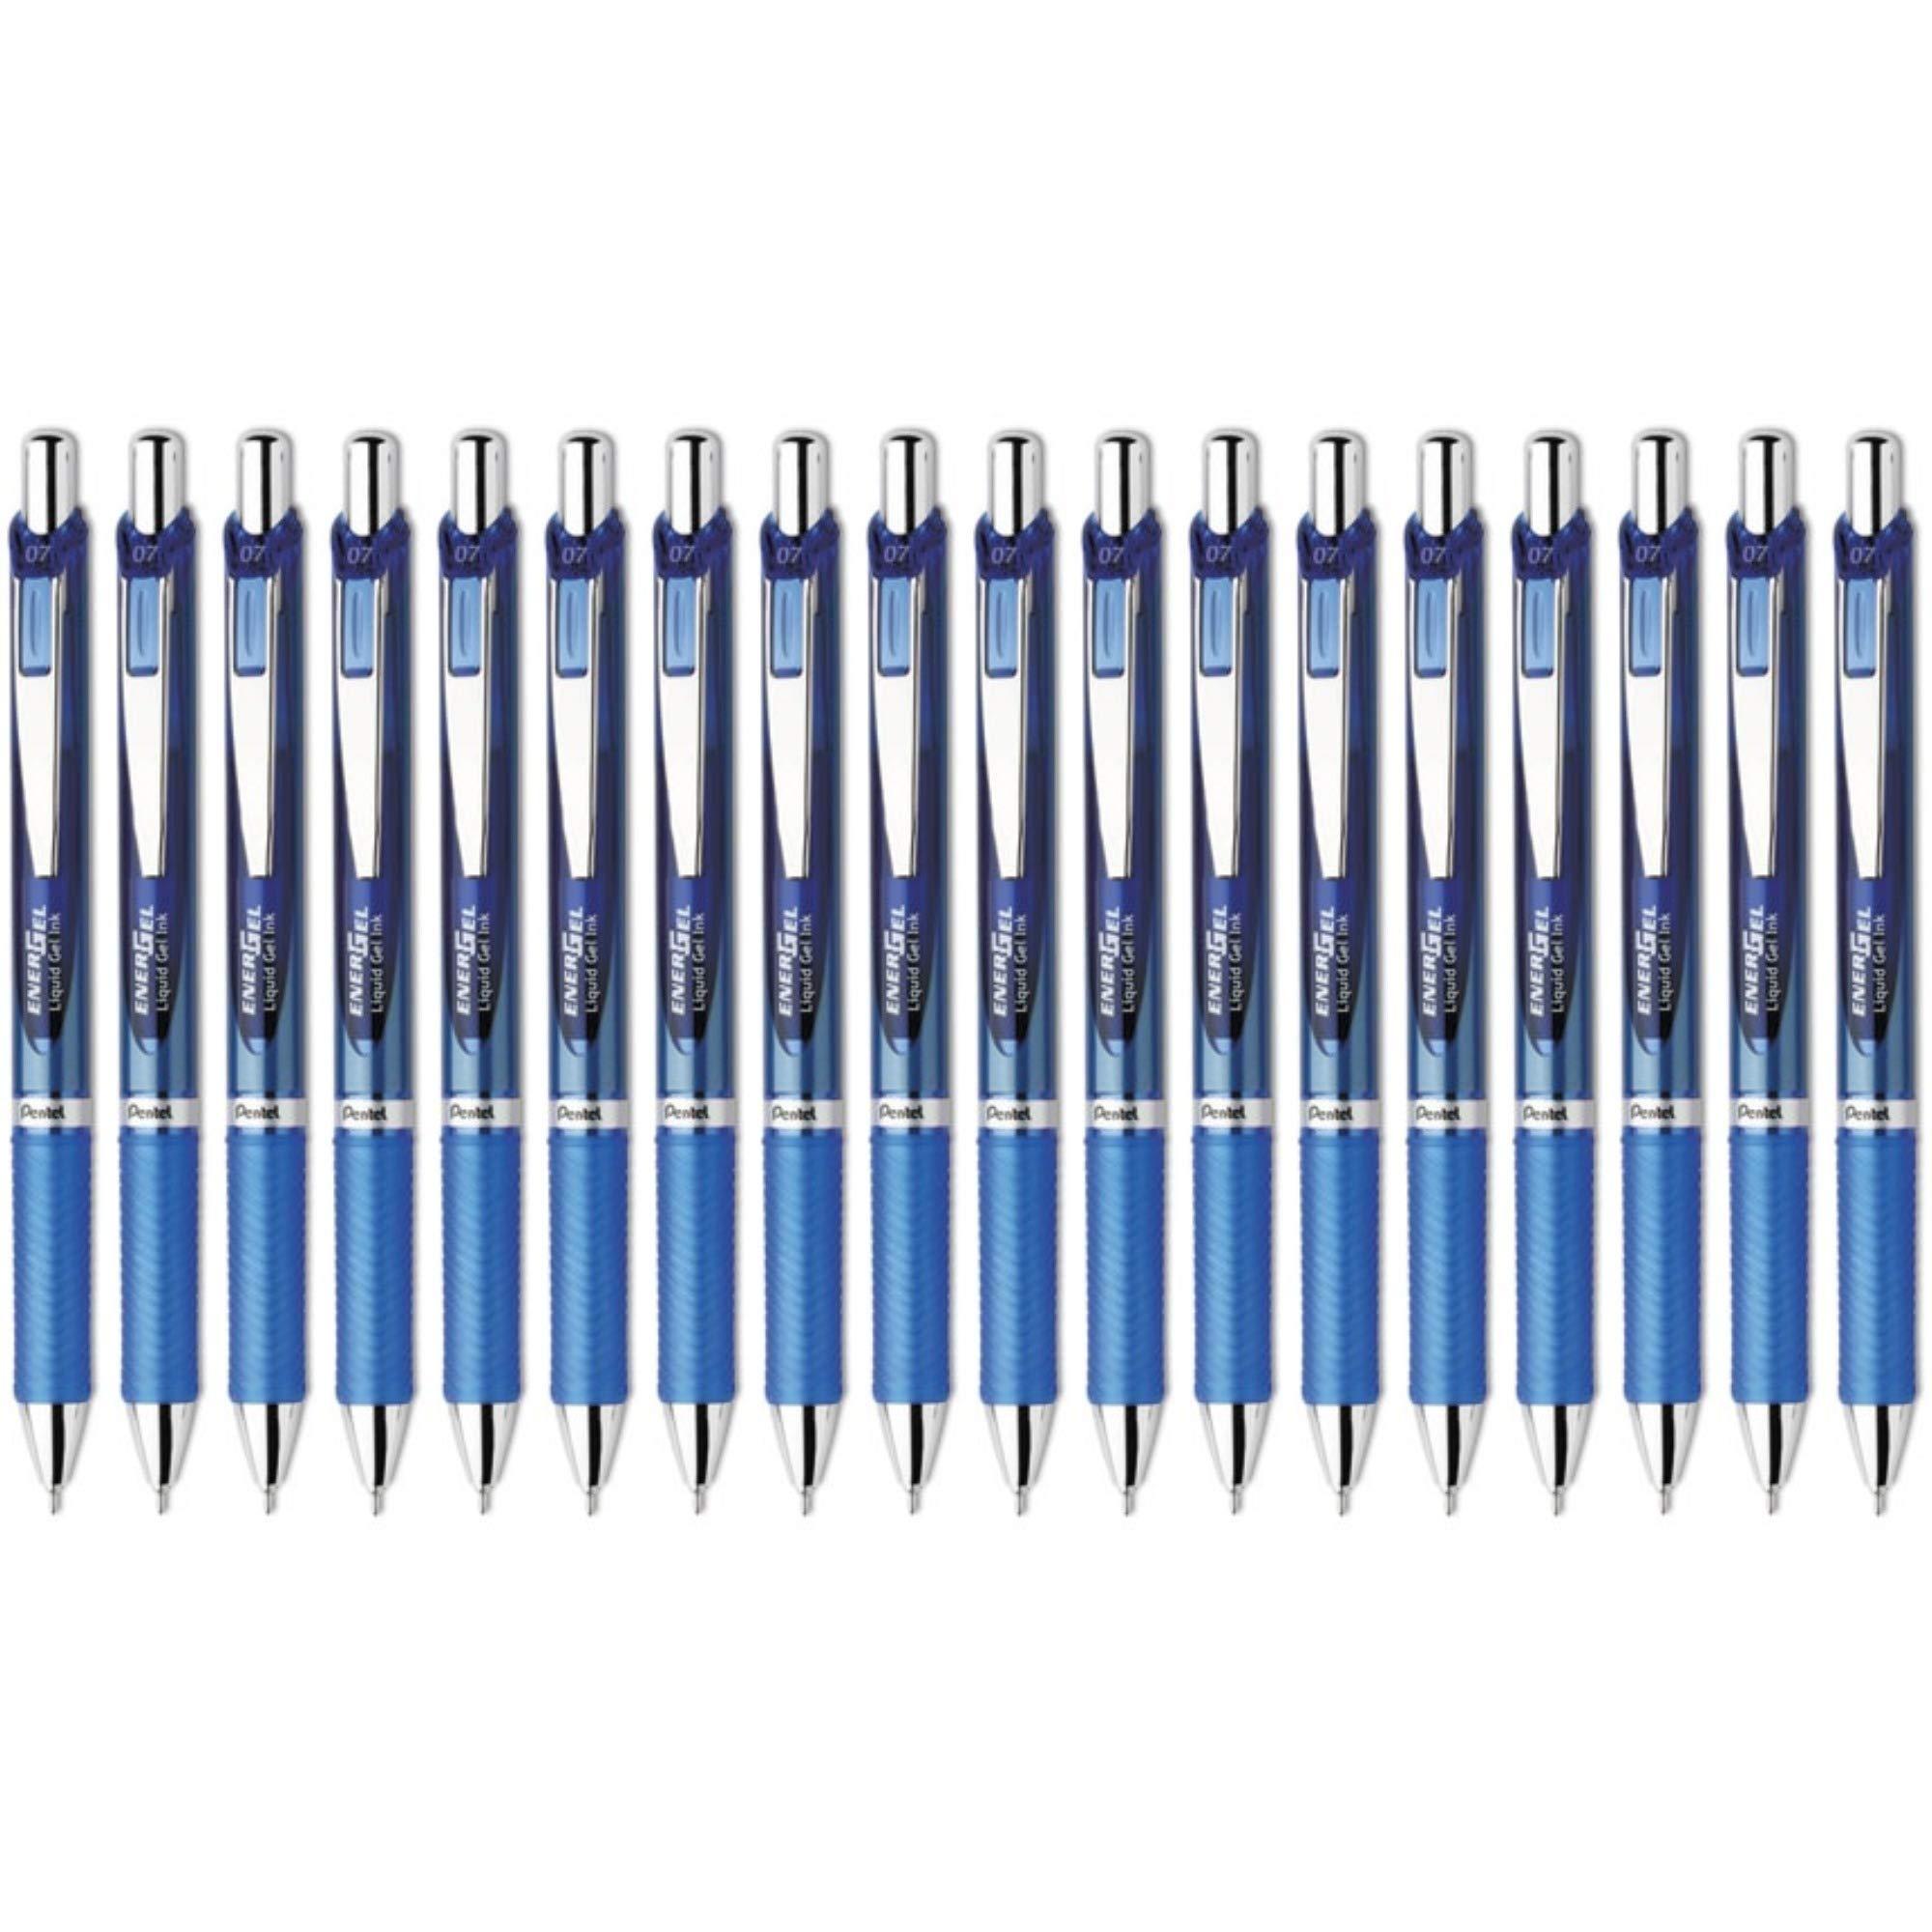 Pentel EnerGel Deluxe RTX Retractable Liquid Gel Pen, 0.7mm Medium Line, Needle Tip, Blue, Pack of 18